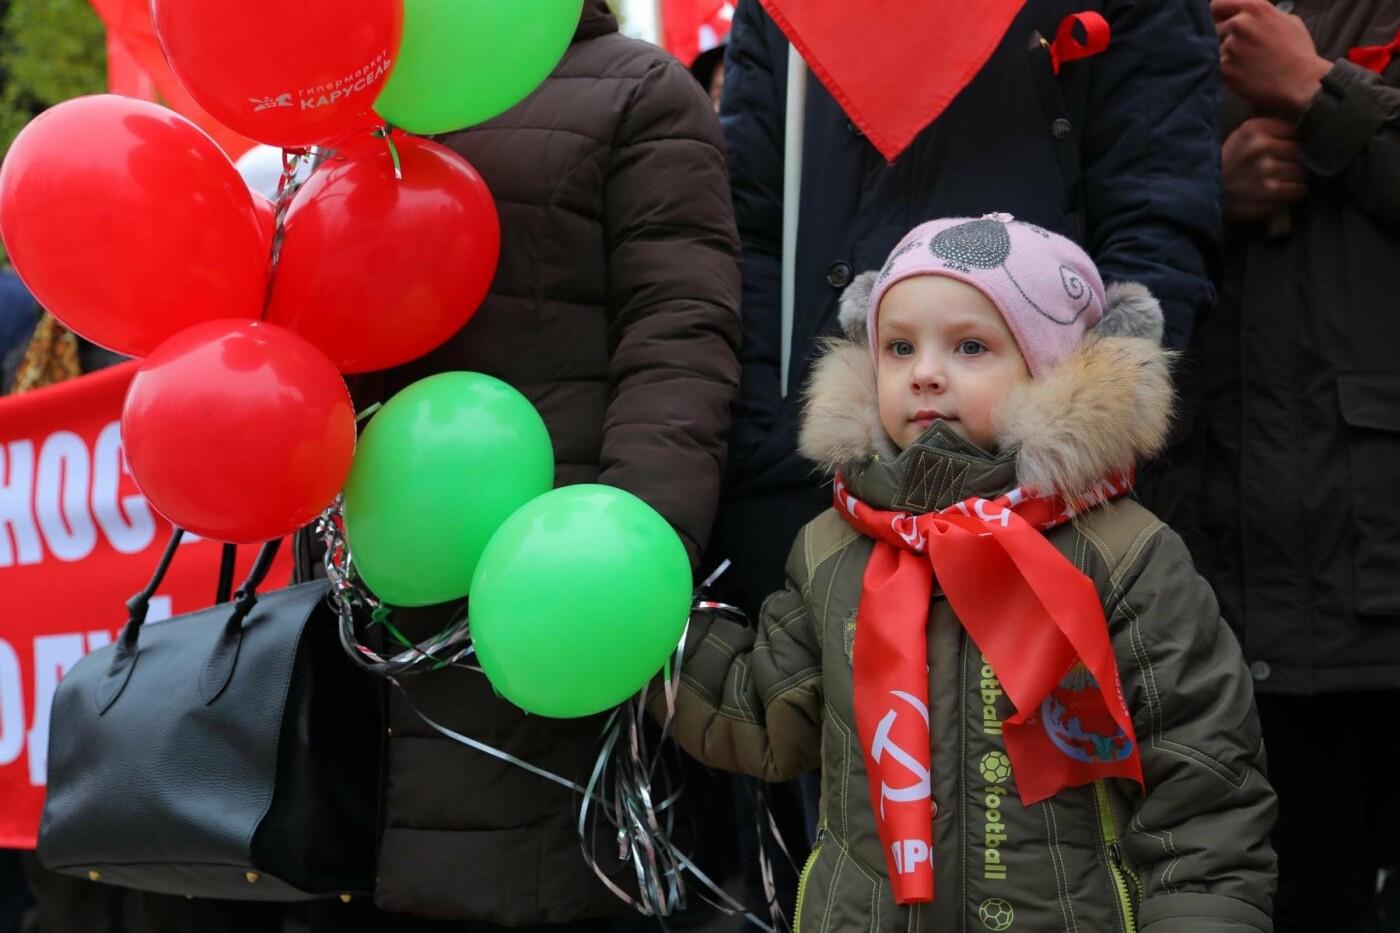 В парке Победы прошла демонстрация в честь 100-летия революции, фото-20